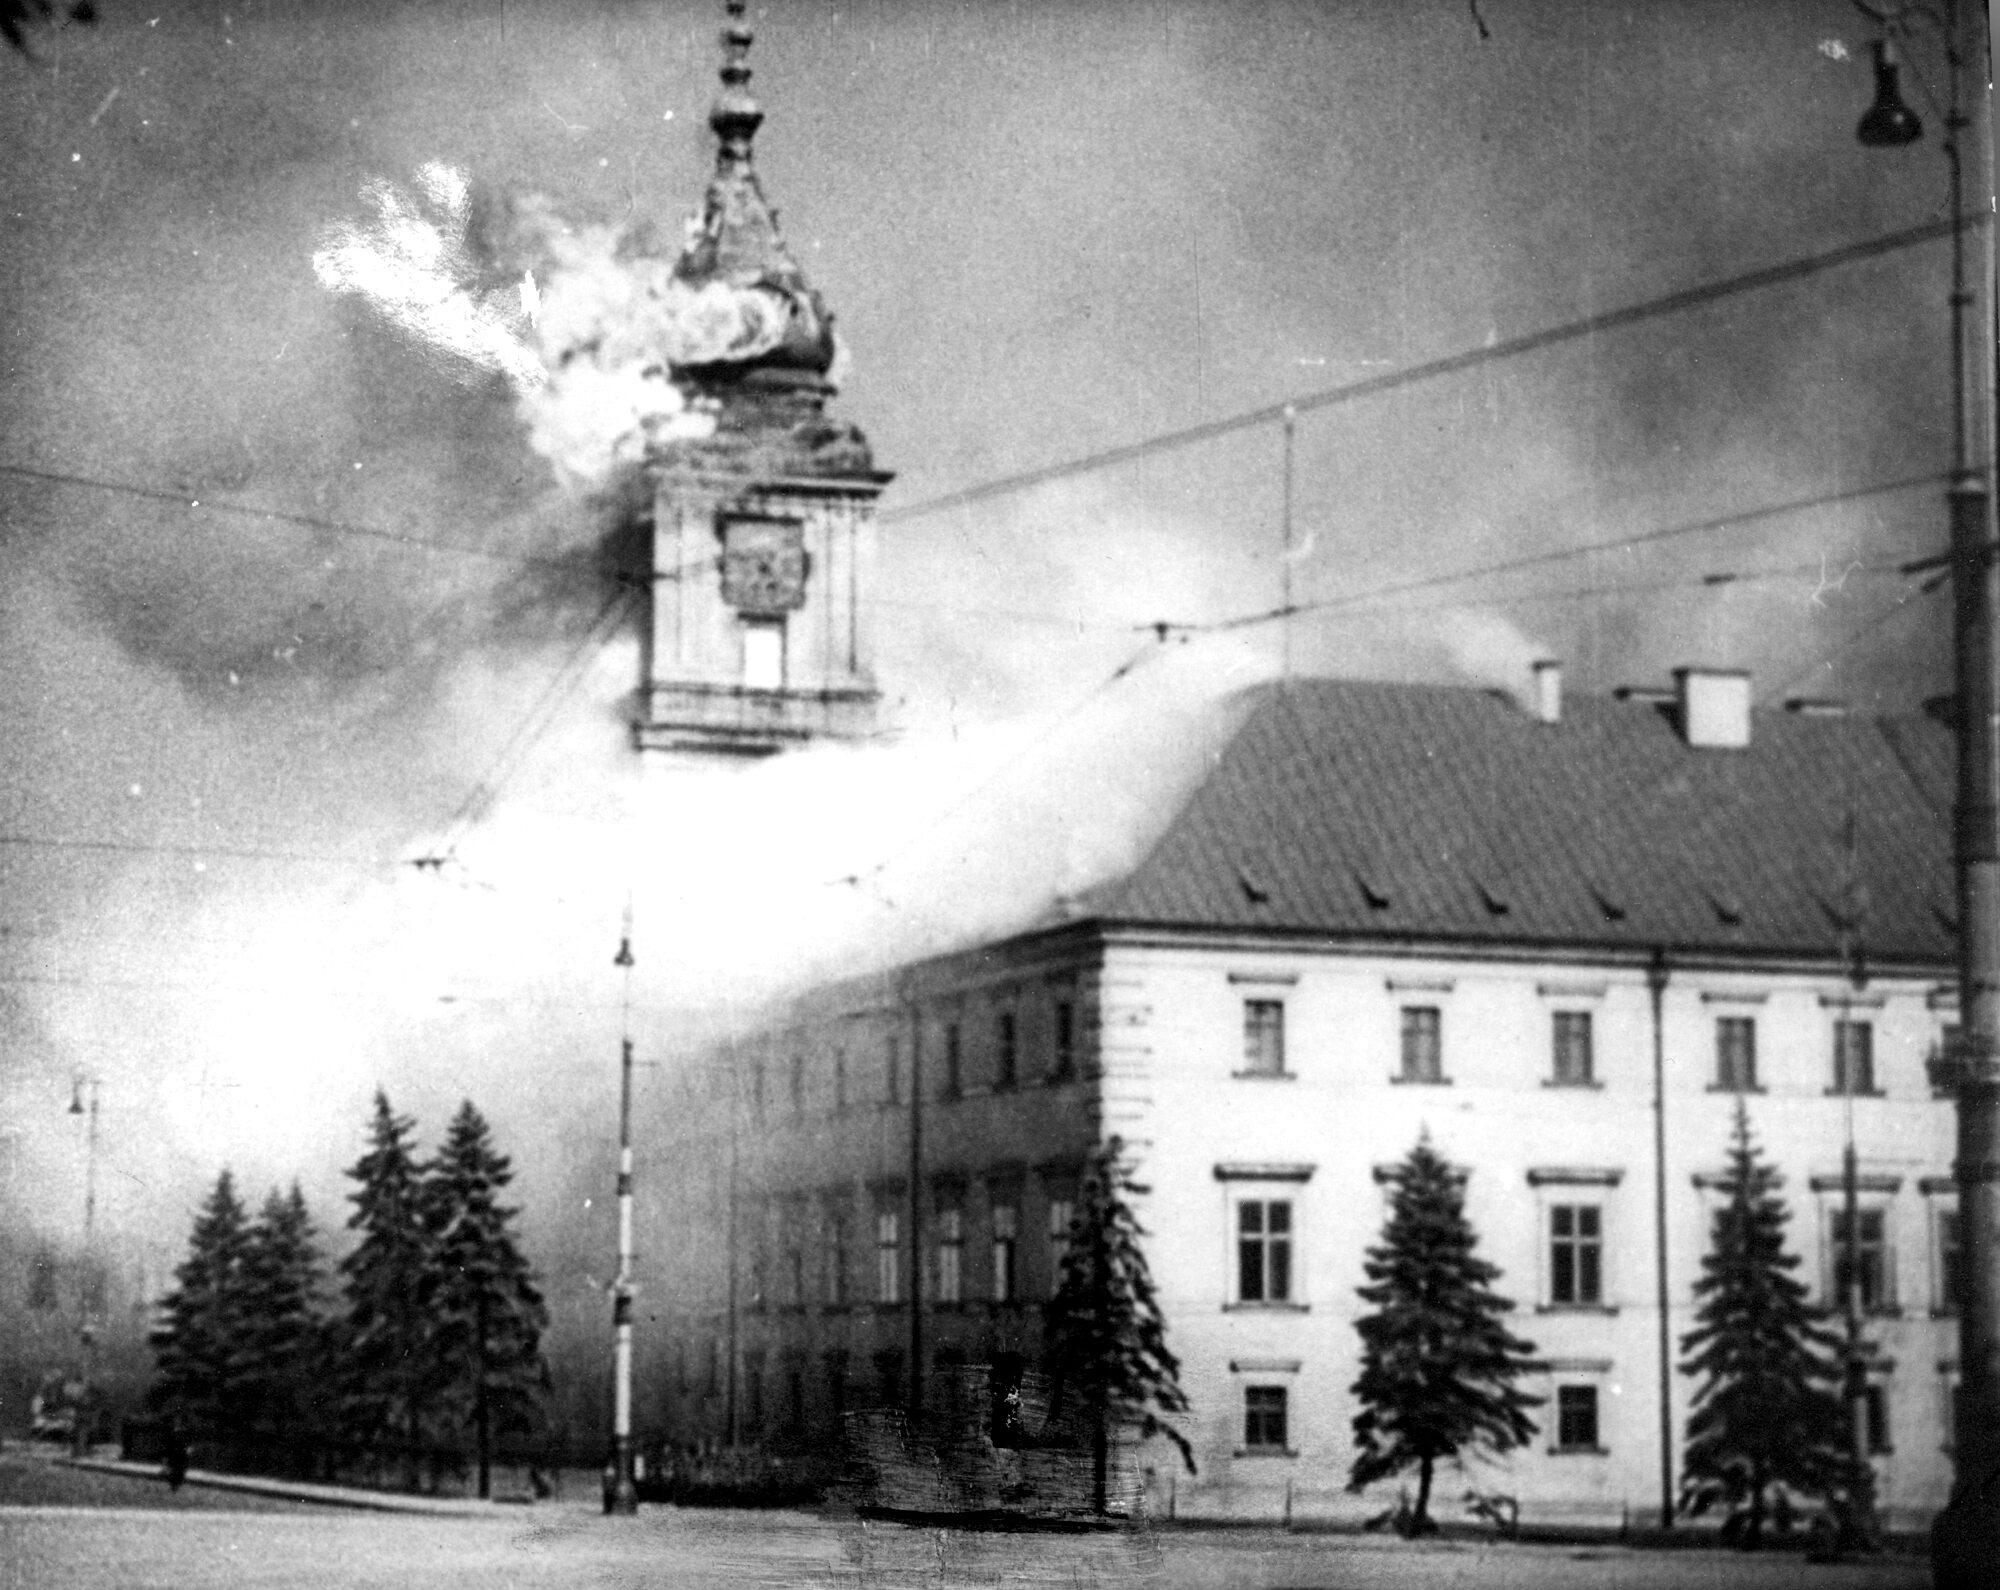 Płonący Zamek Królewski 17 września niemiecka artyleria ostrzelała Zamek Królewski na osobisty rozkaz Hitlera. Niemcy złamali tym samym konwencję haską, która nakazywała unikanie zniszczeń dziedzictwa kulturowego. Miało to przyspieszyć kapitulację miasta.